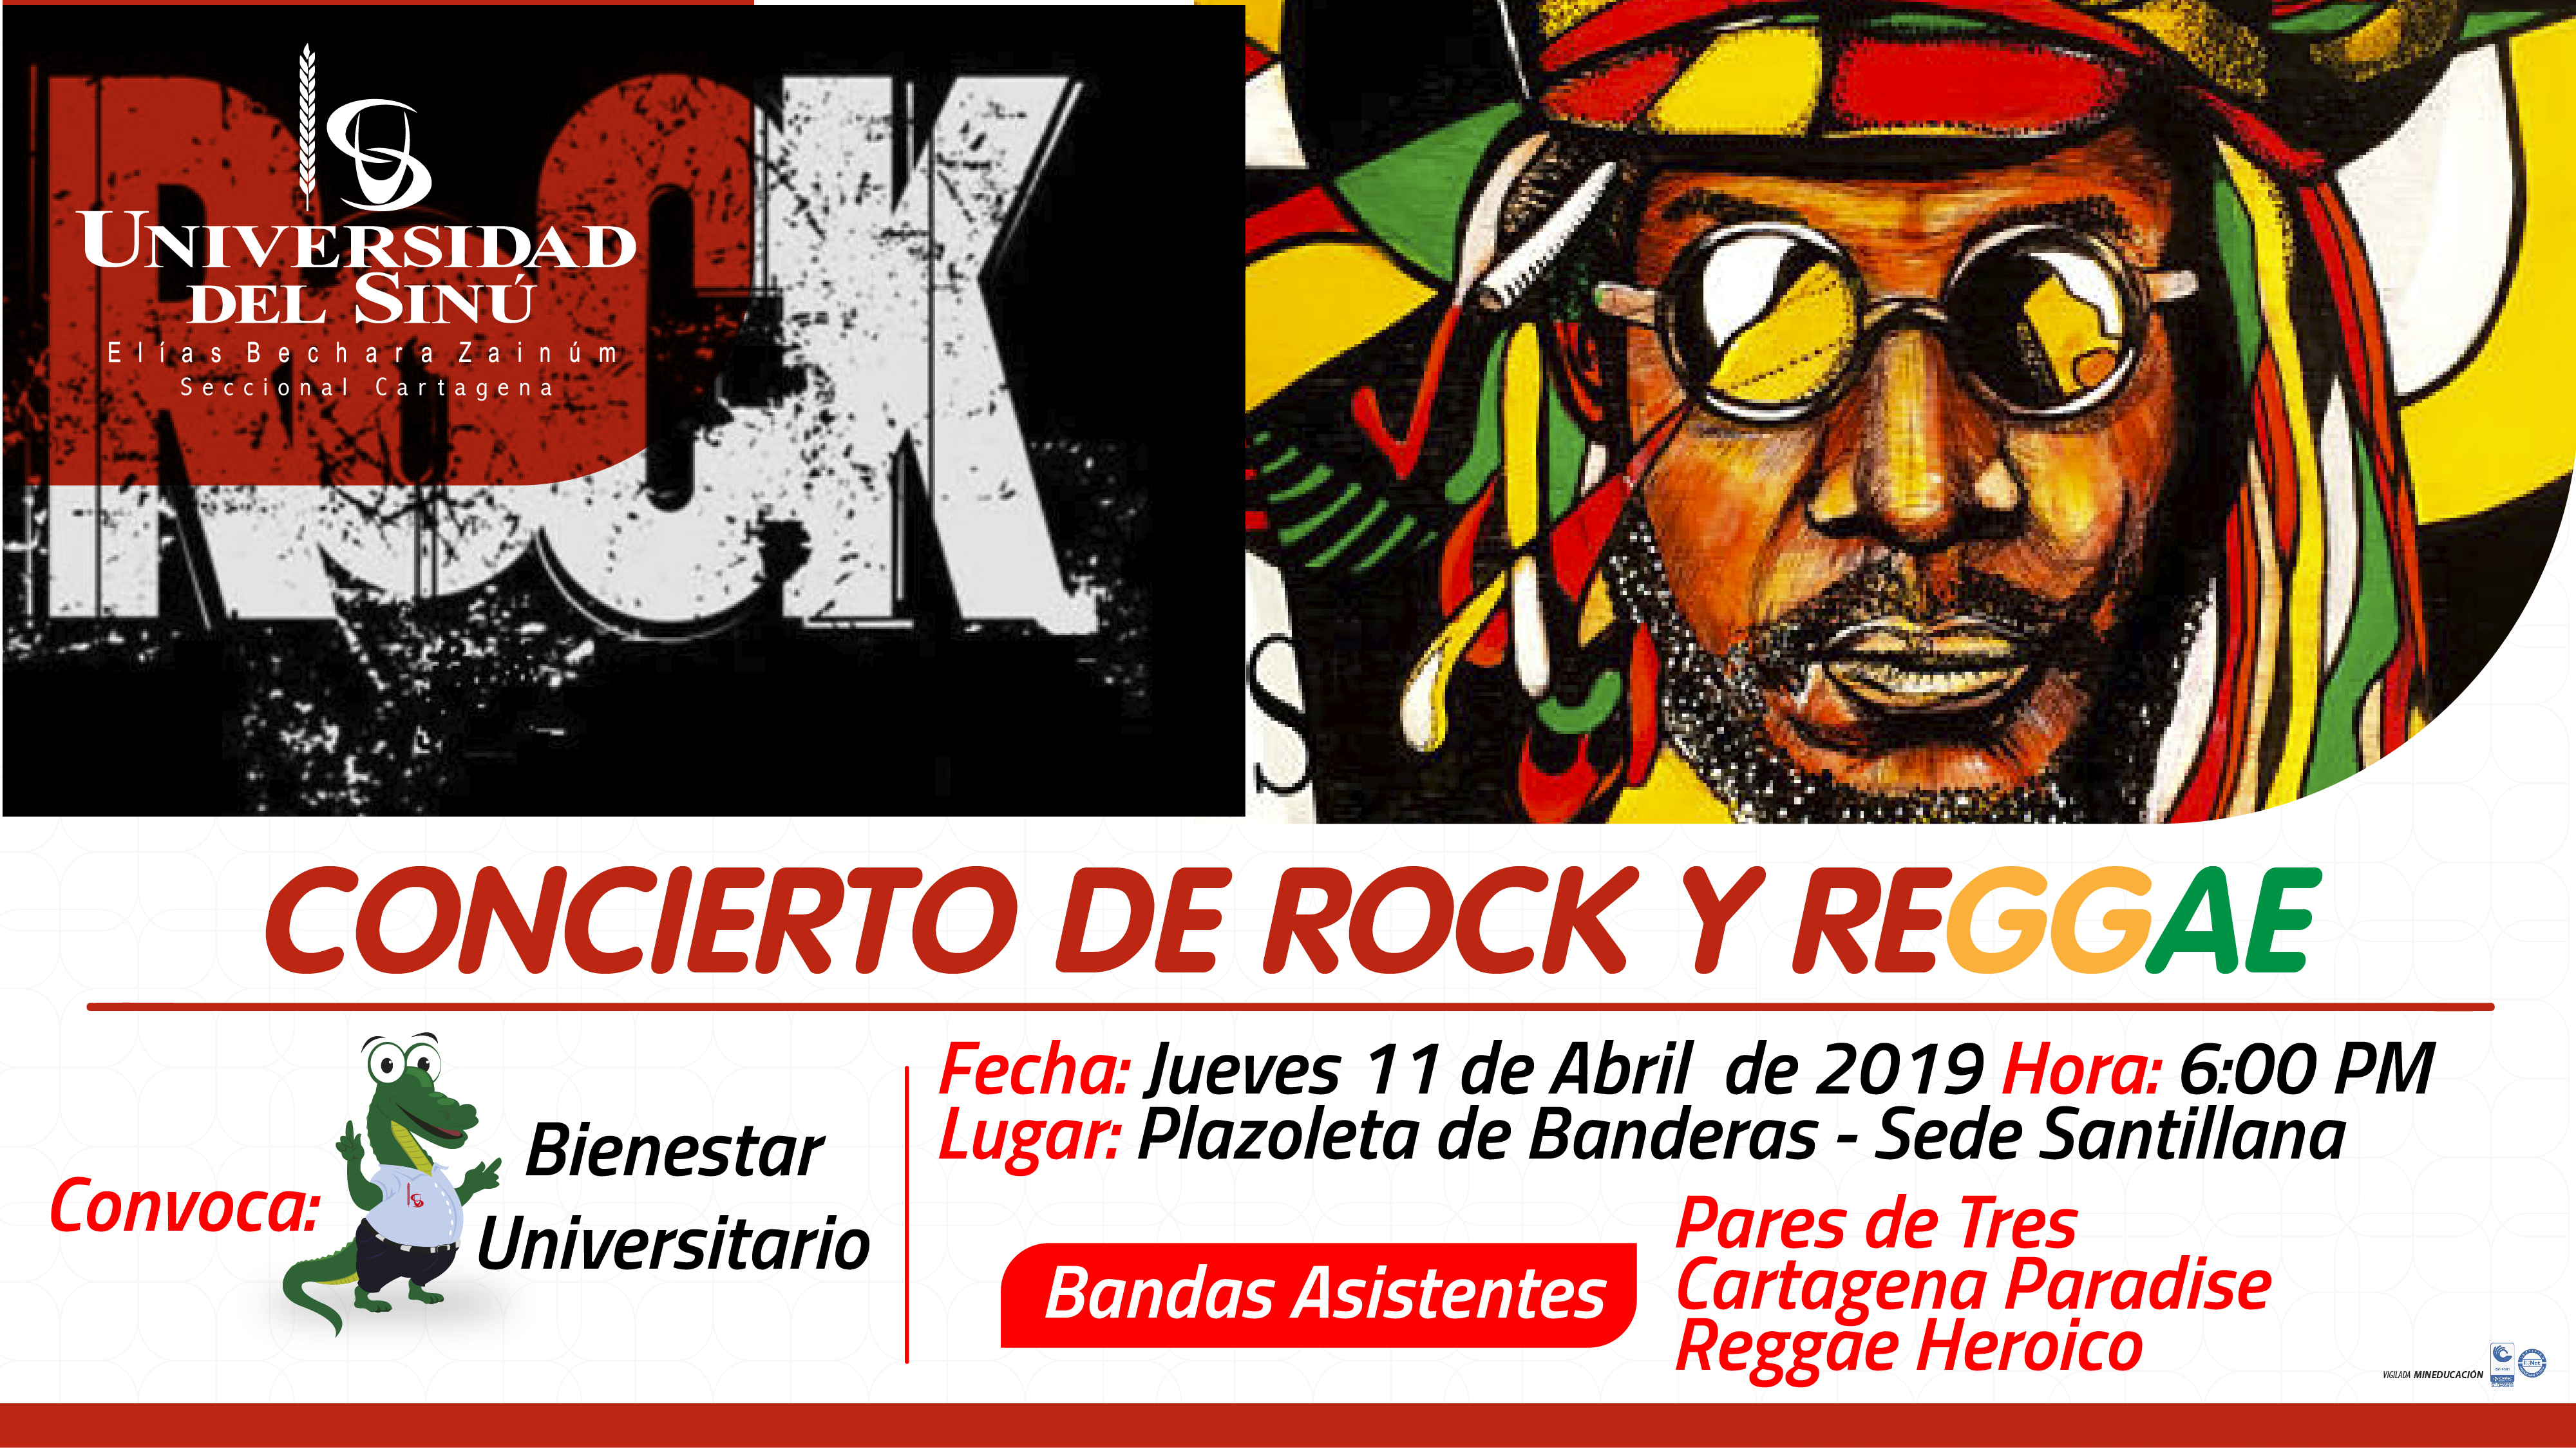 concierto de rock y reggae_Mesa de trabajo 1